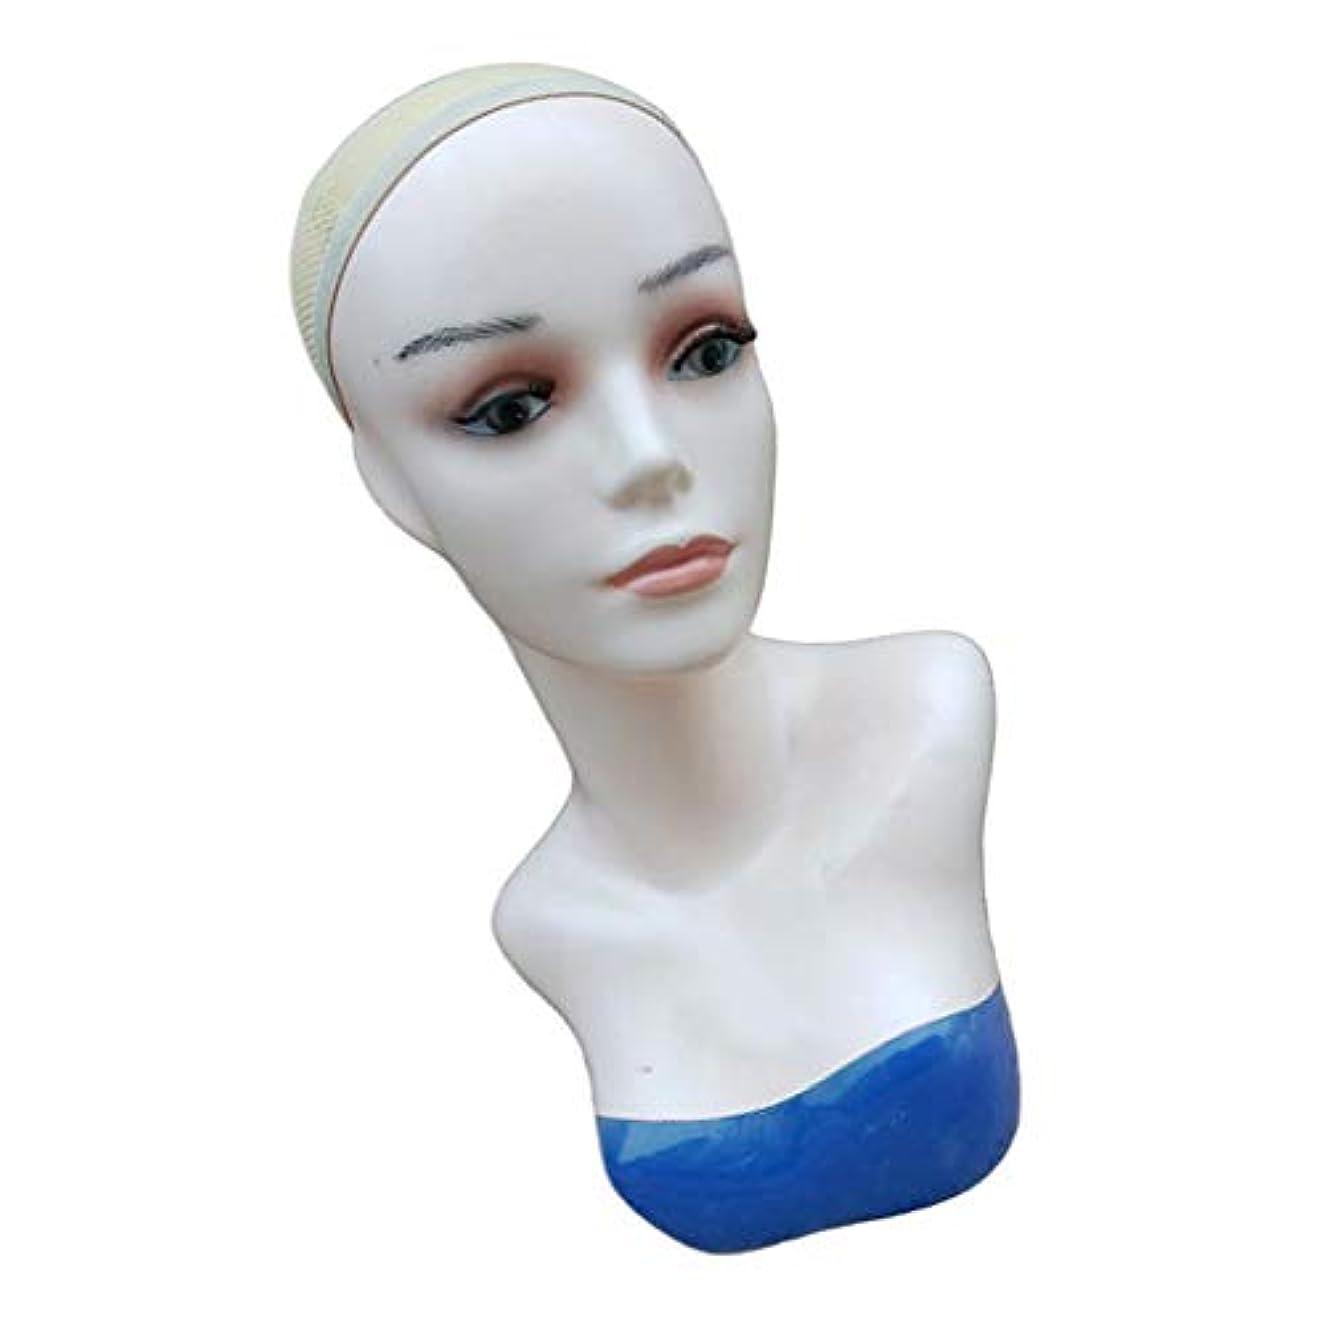 利益シャイニング表向きDYNWAVE 帽子 収納 ハンガー マネキンヘッド ヘッドモデル ウィッグスタンド ウィッグ かつら ディスプレイ